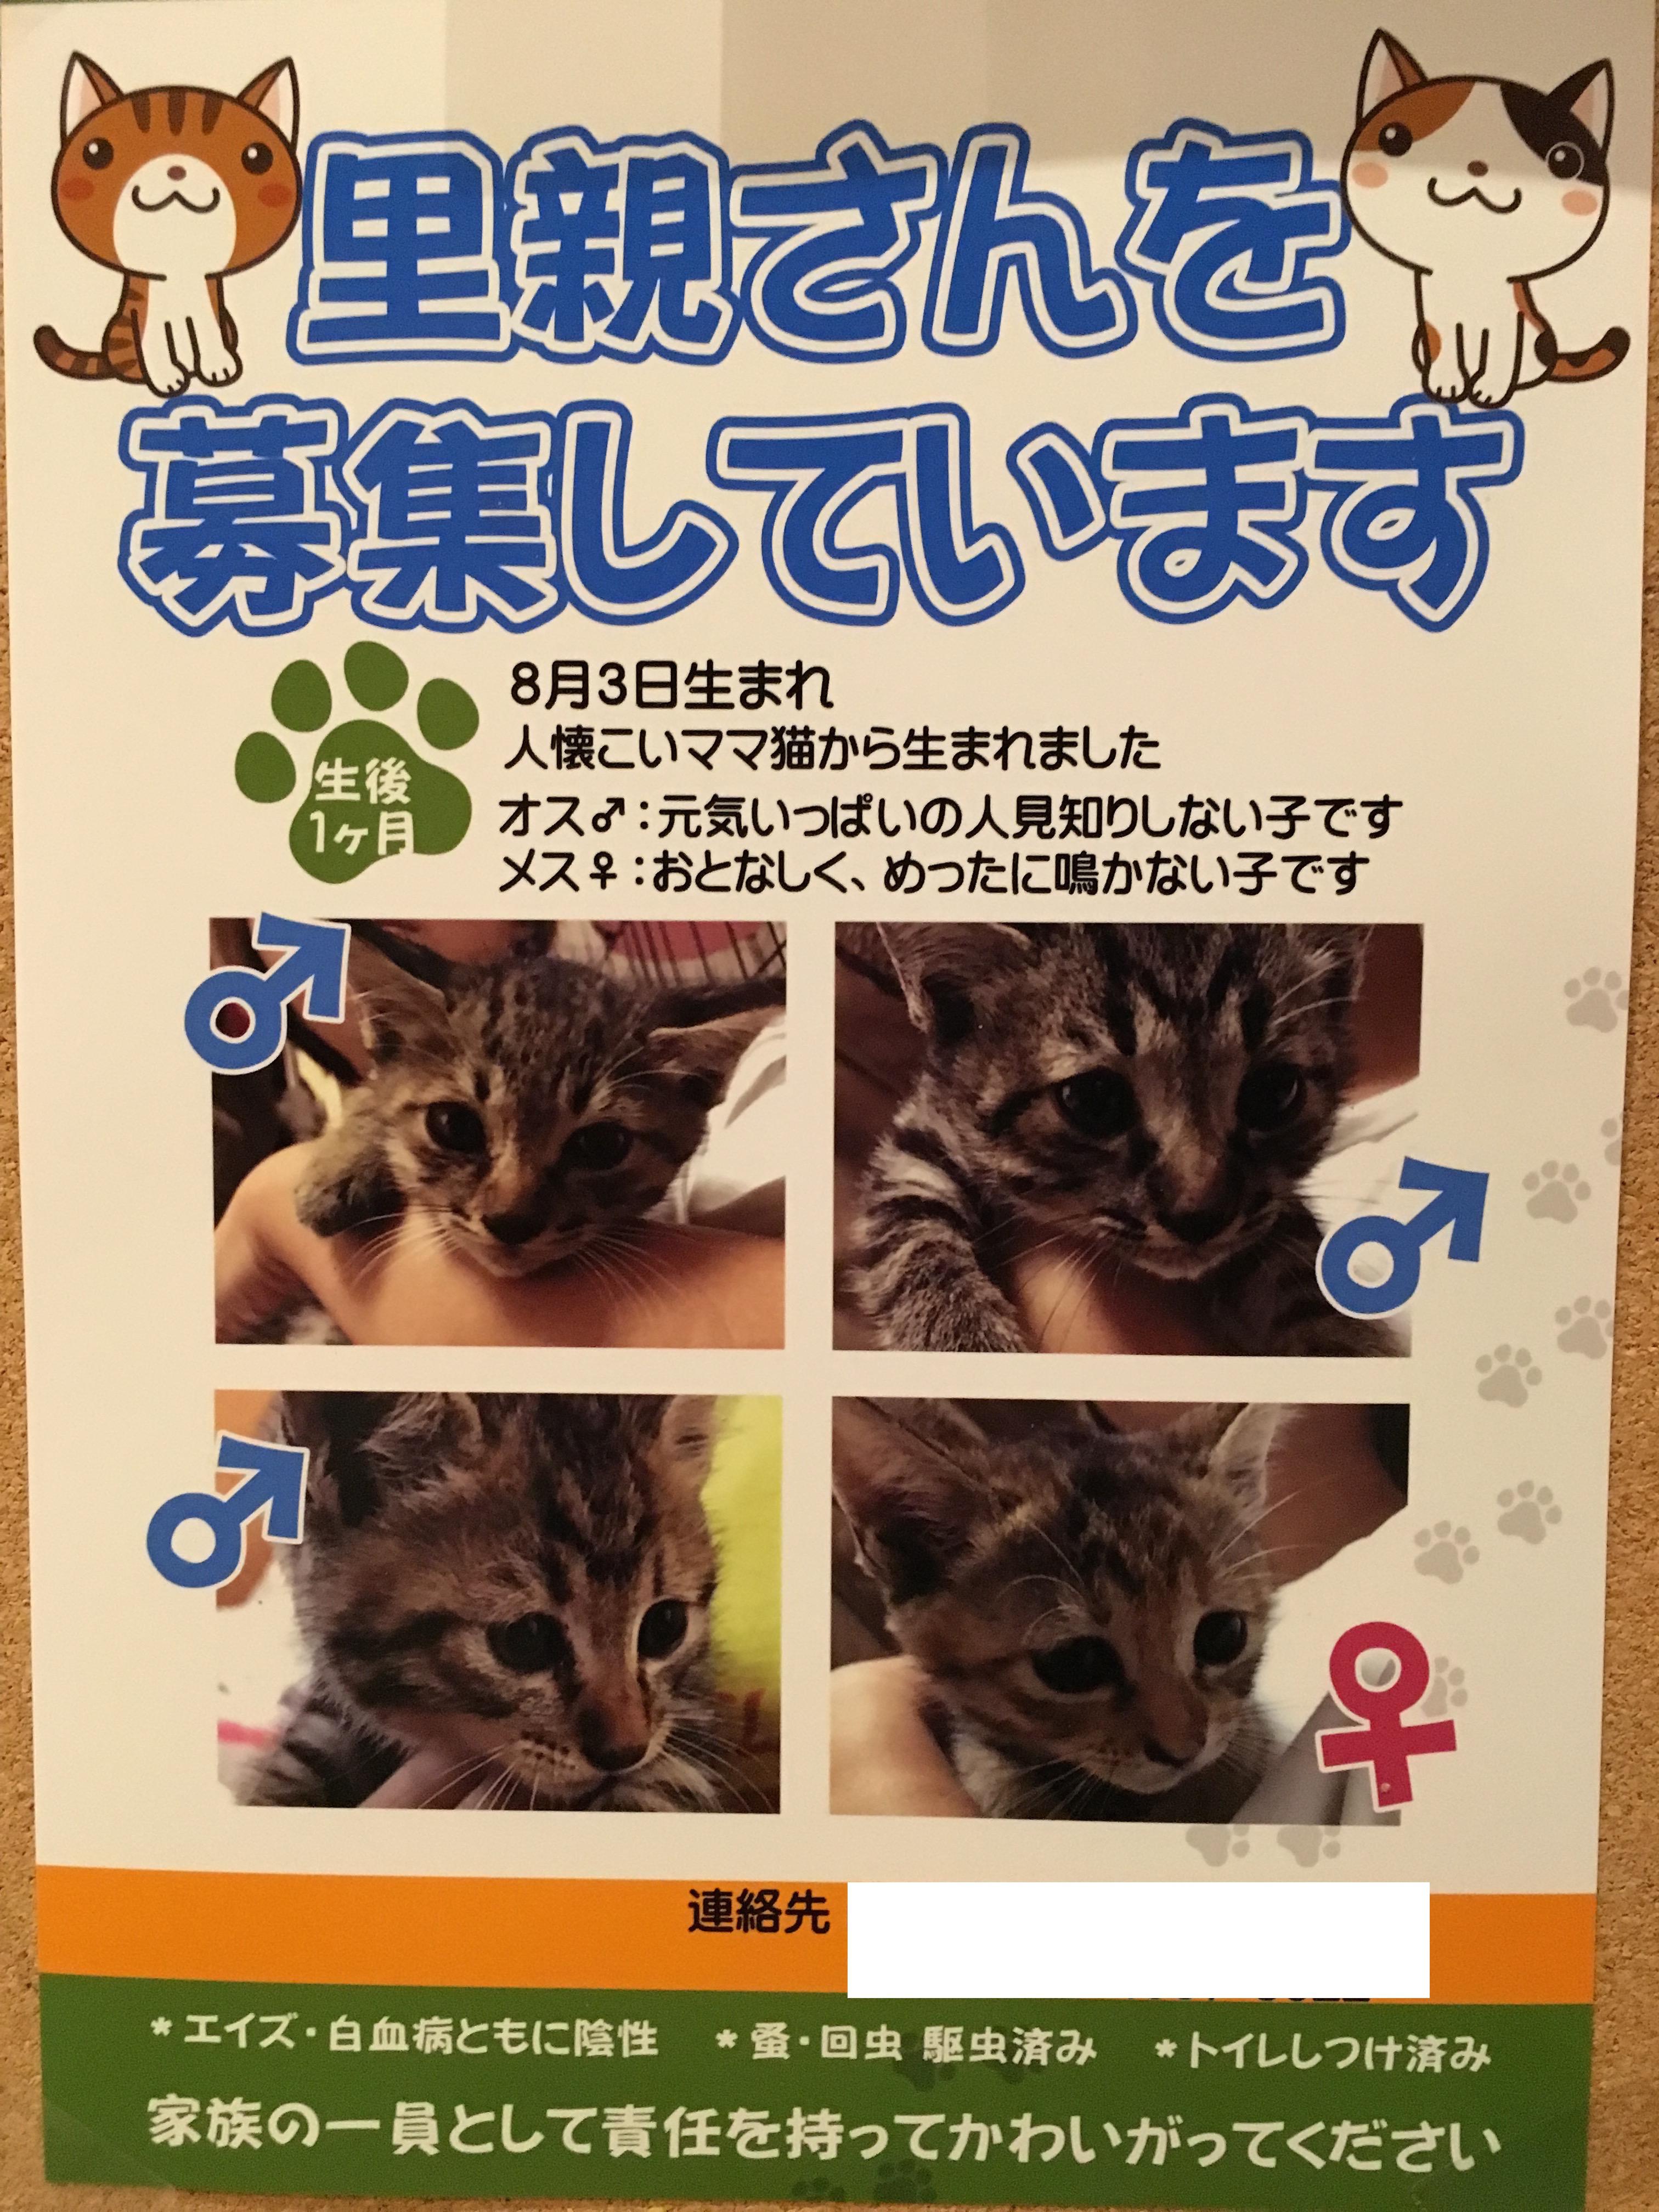 仔猫ちゃんの新しい飼い主様を募集しています。